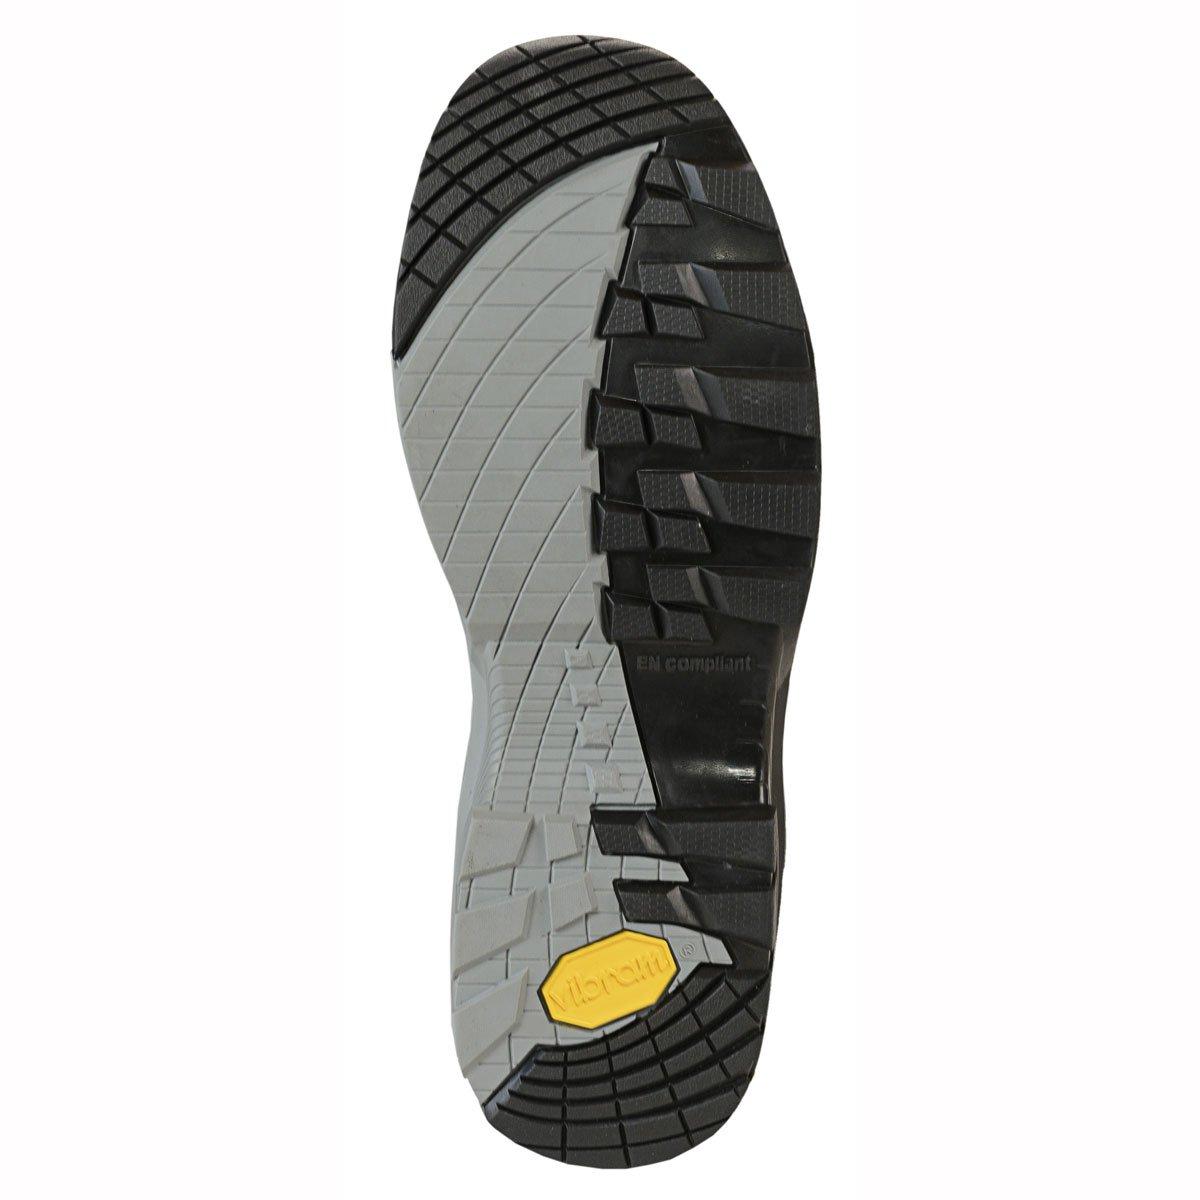 Bildergebnis für falco tourance boots